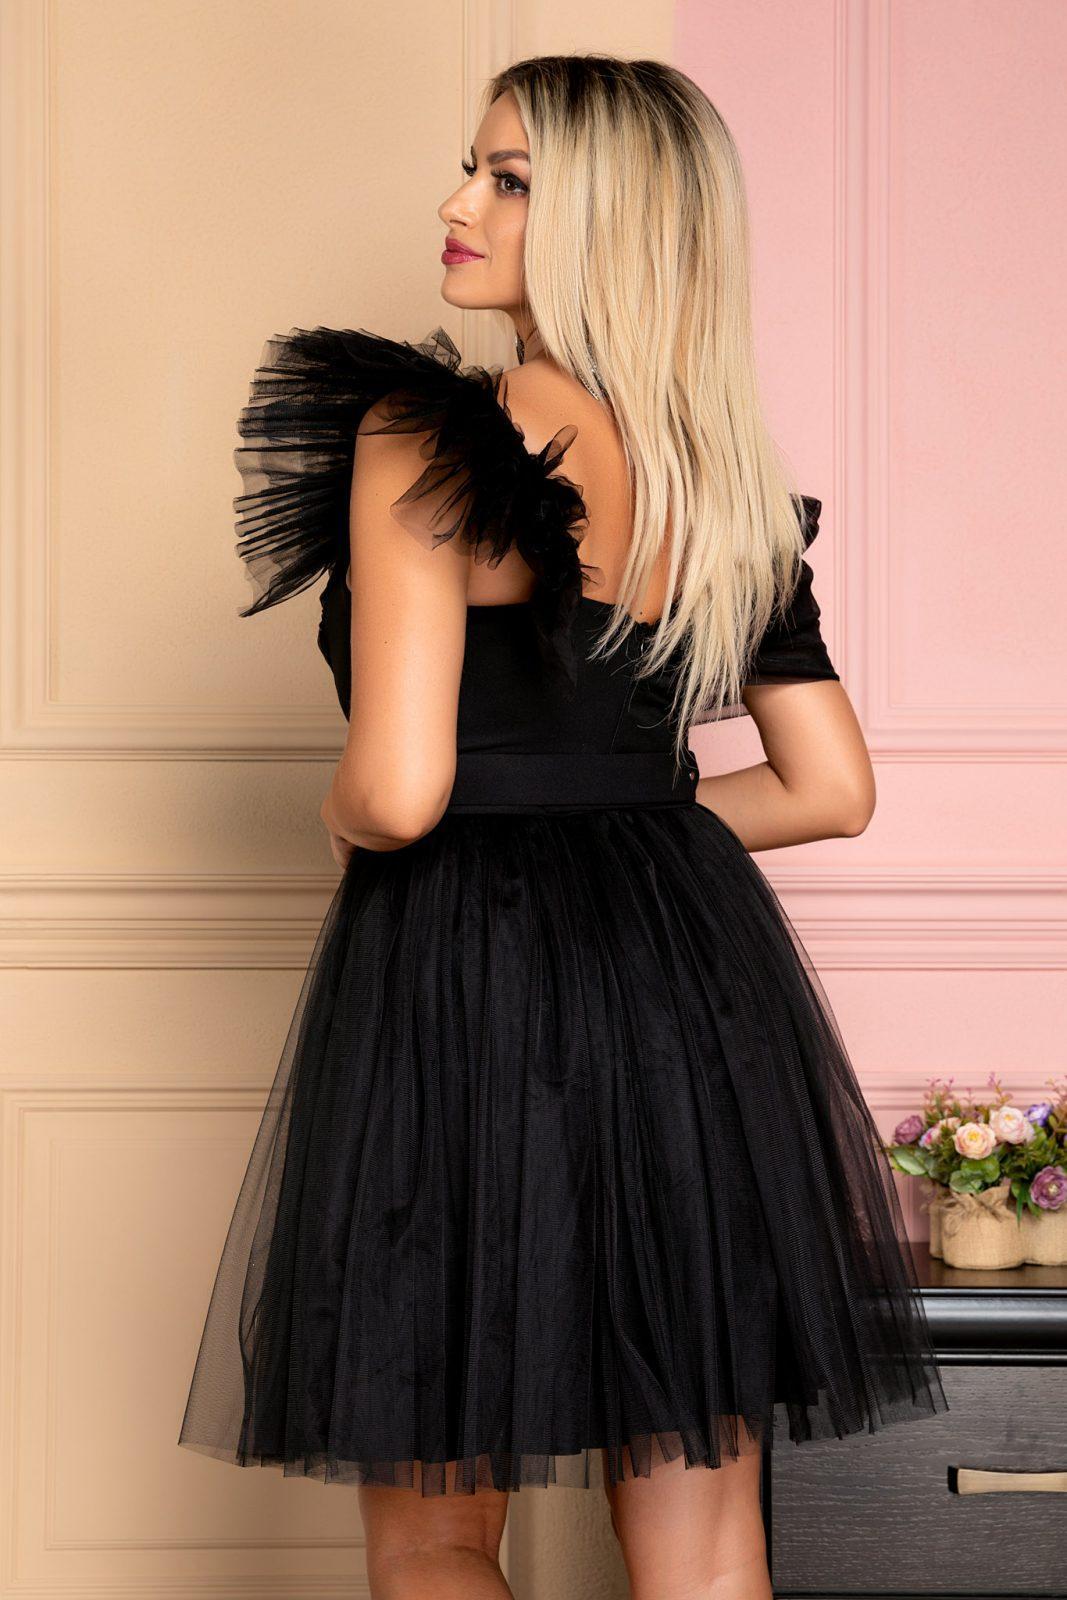 Μαύρο Βραδινό Φόρεμα Με Έναν Ώμο Sweetie 7998